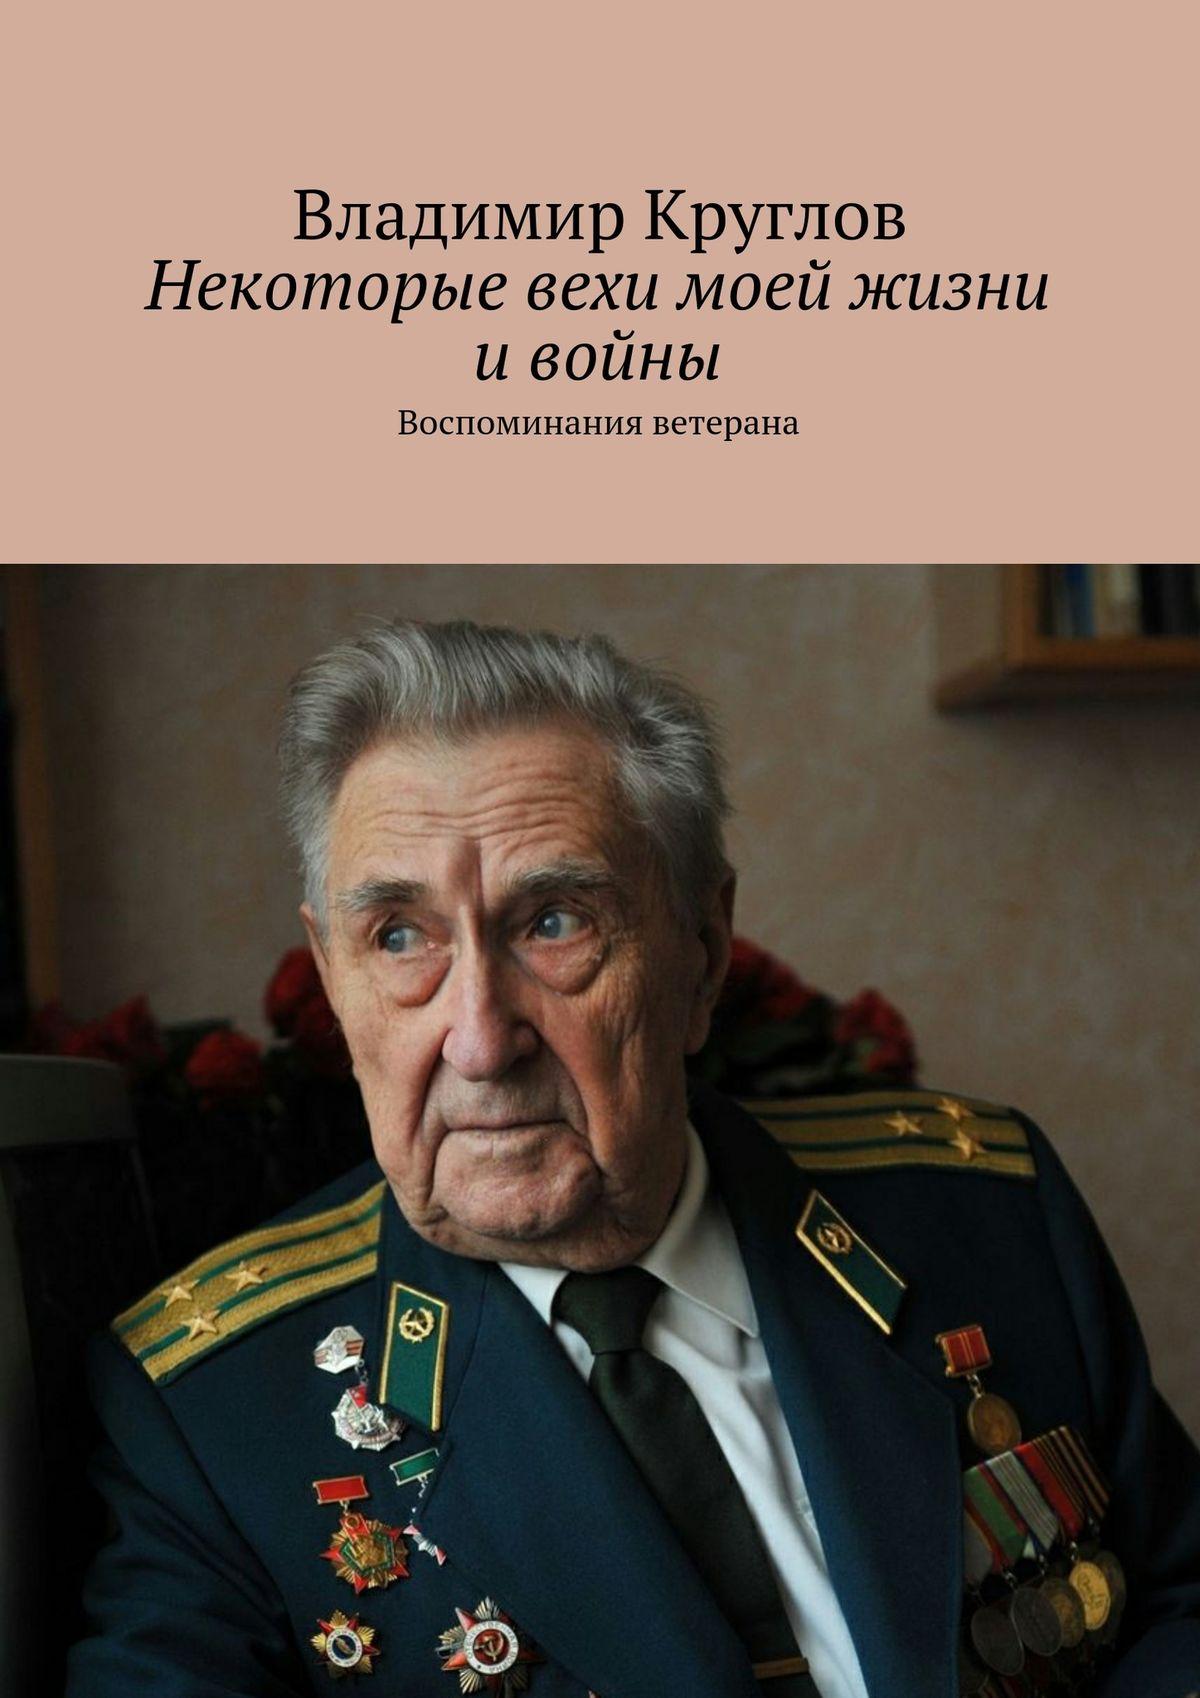 Владимир Васильевич Круглов Некоторые вехи моей жизни ивойны. Воспоминания ветерана алексей круглов алексей круглов люблю